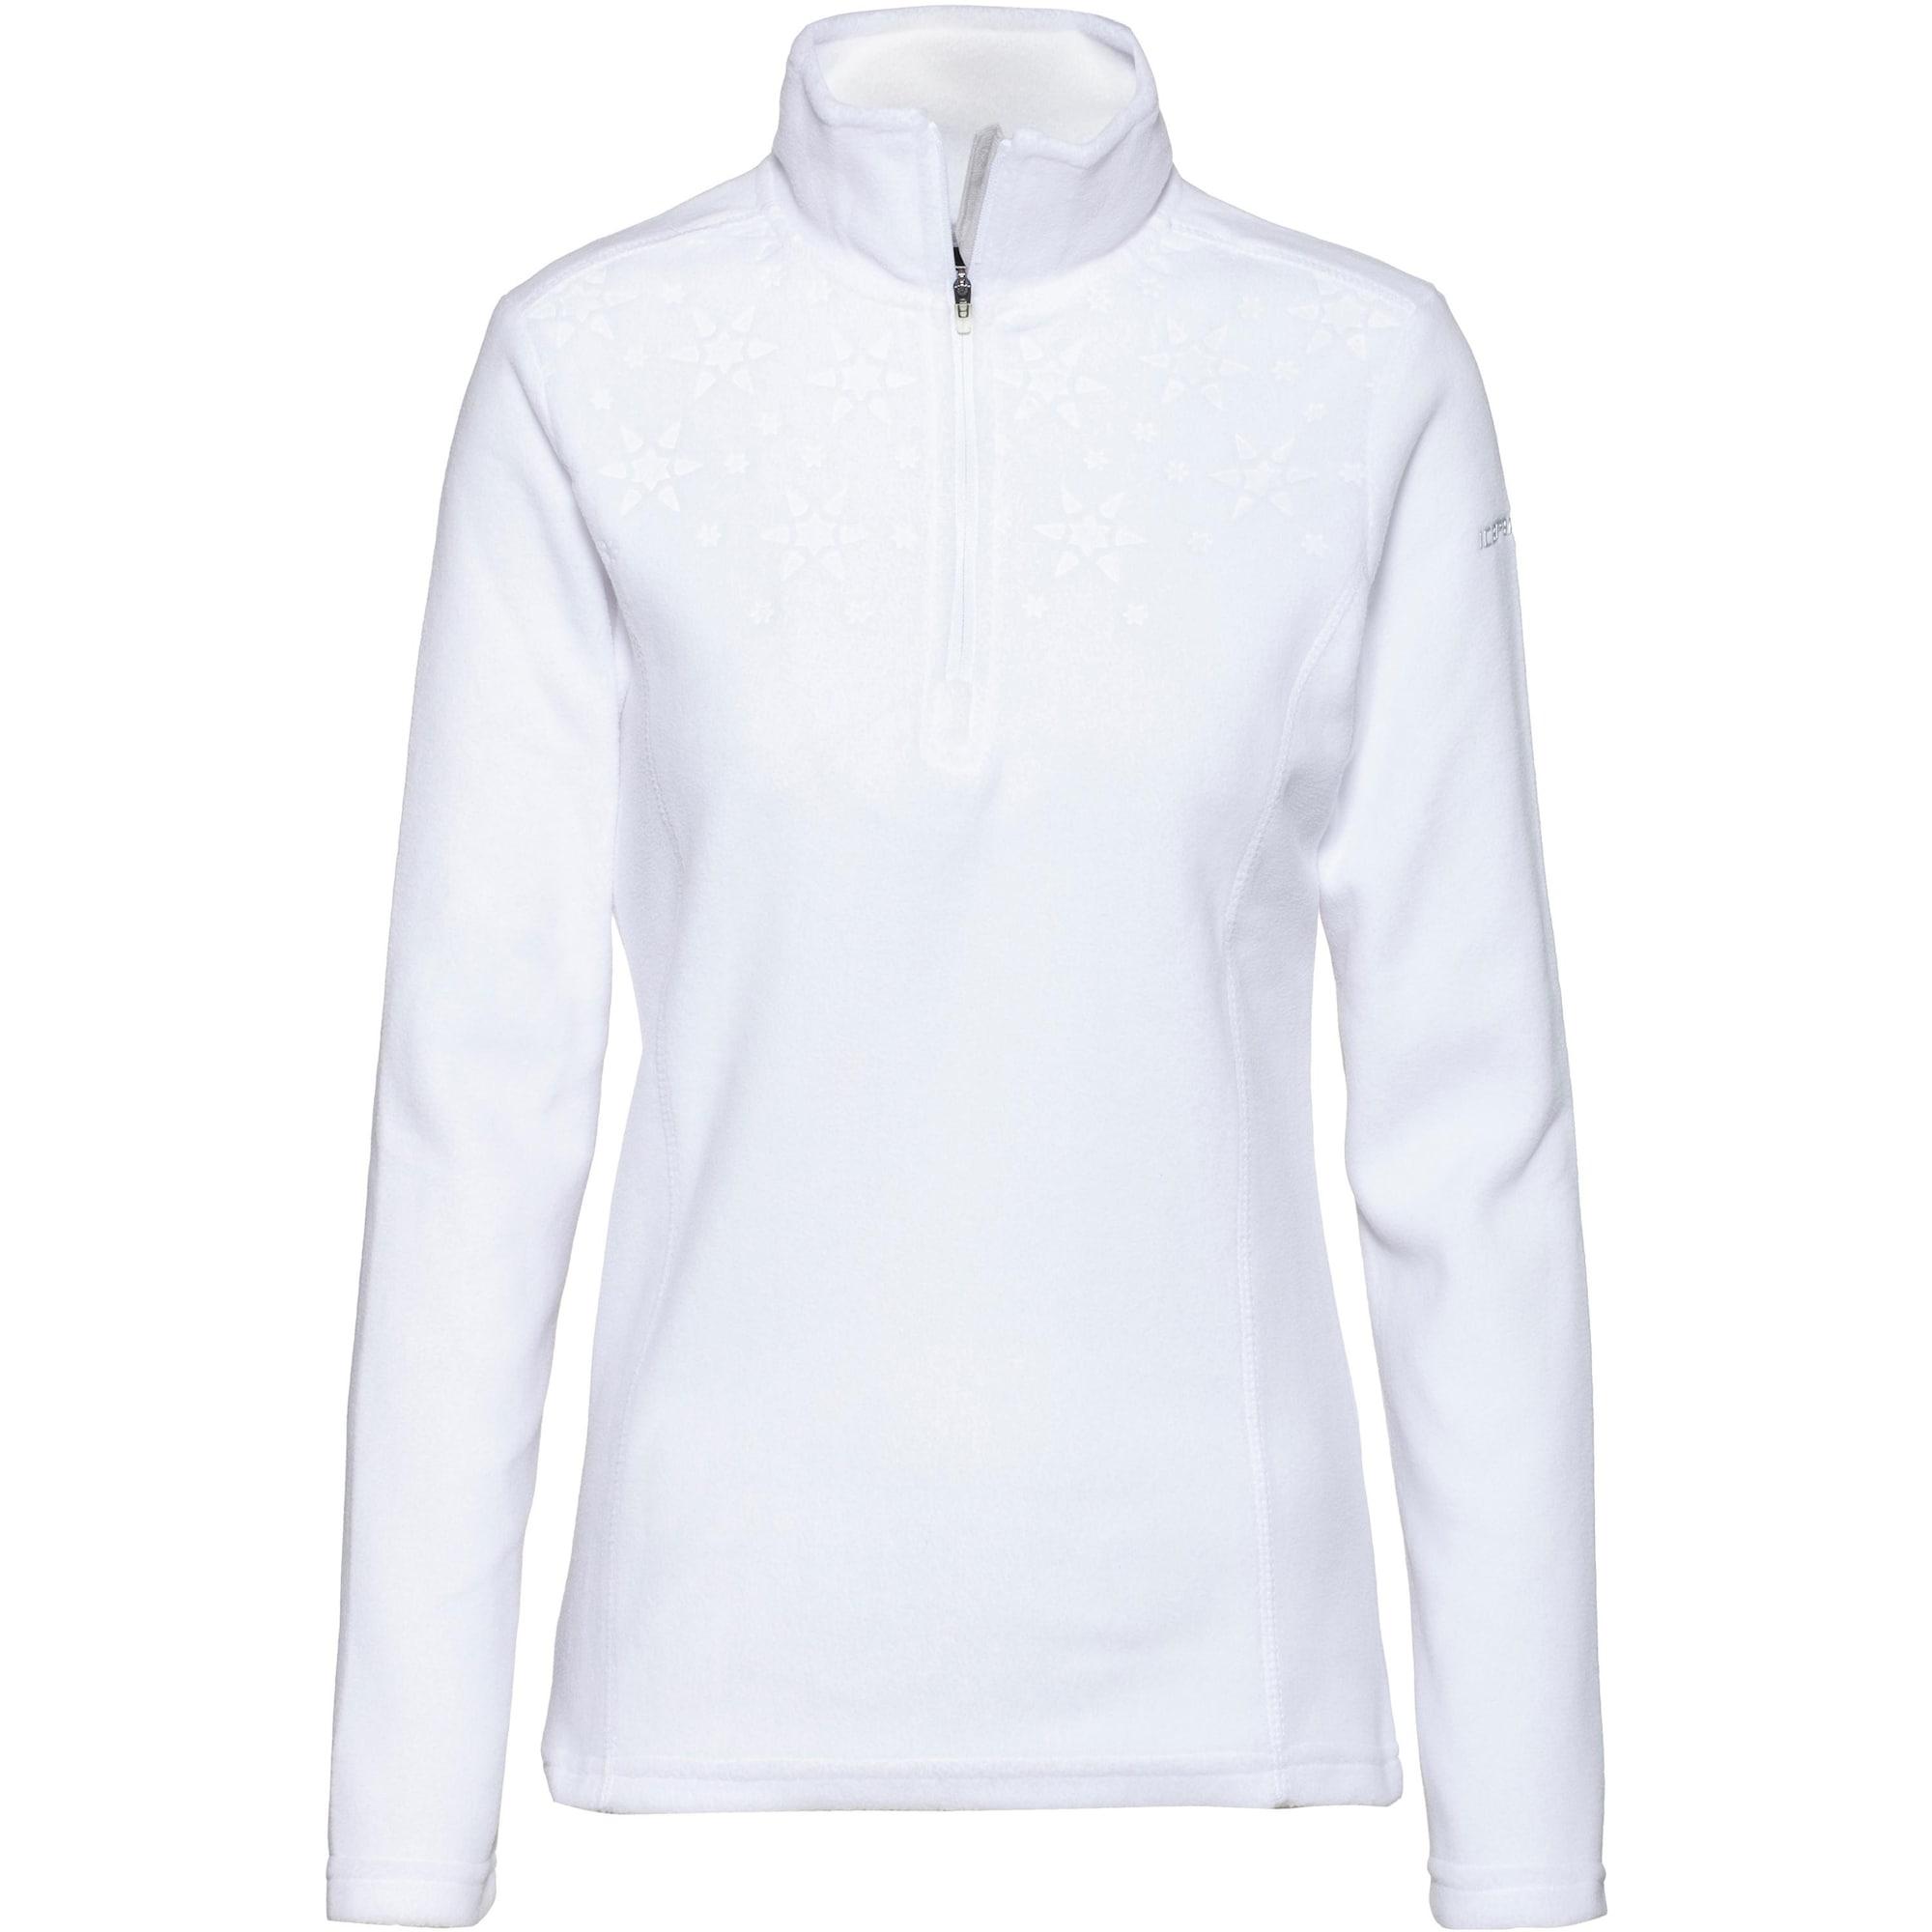 Fleeceshirt 'Friona' | Bekleidung > Sweatshirts & -jacken > Fleeceshirts | icepeak